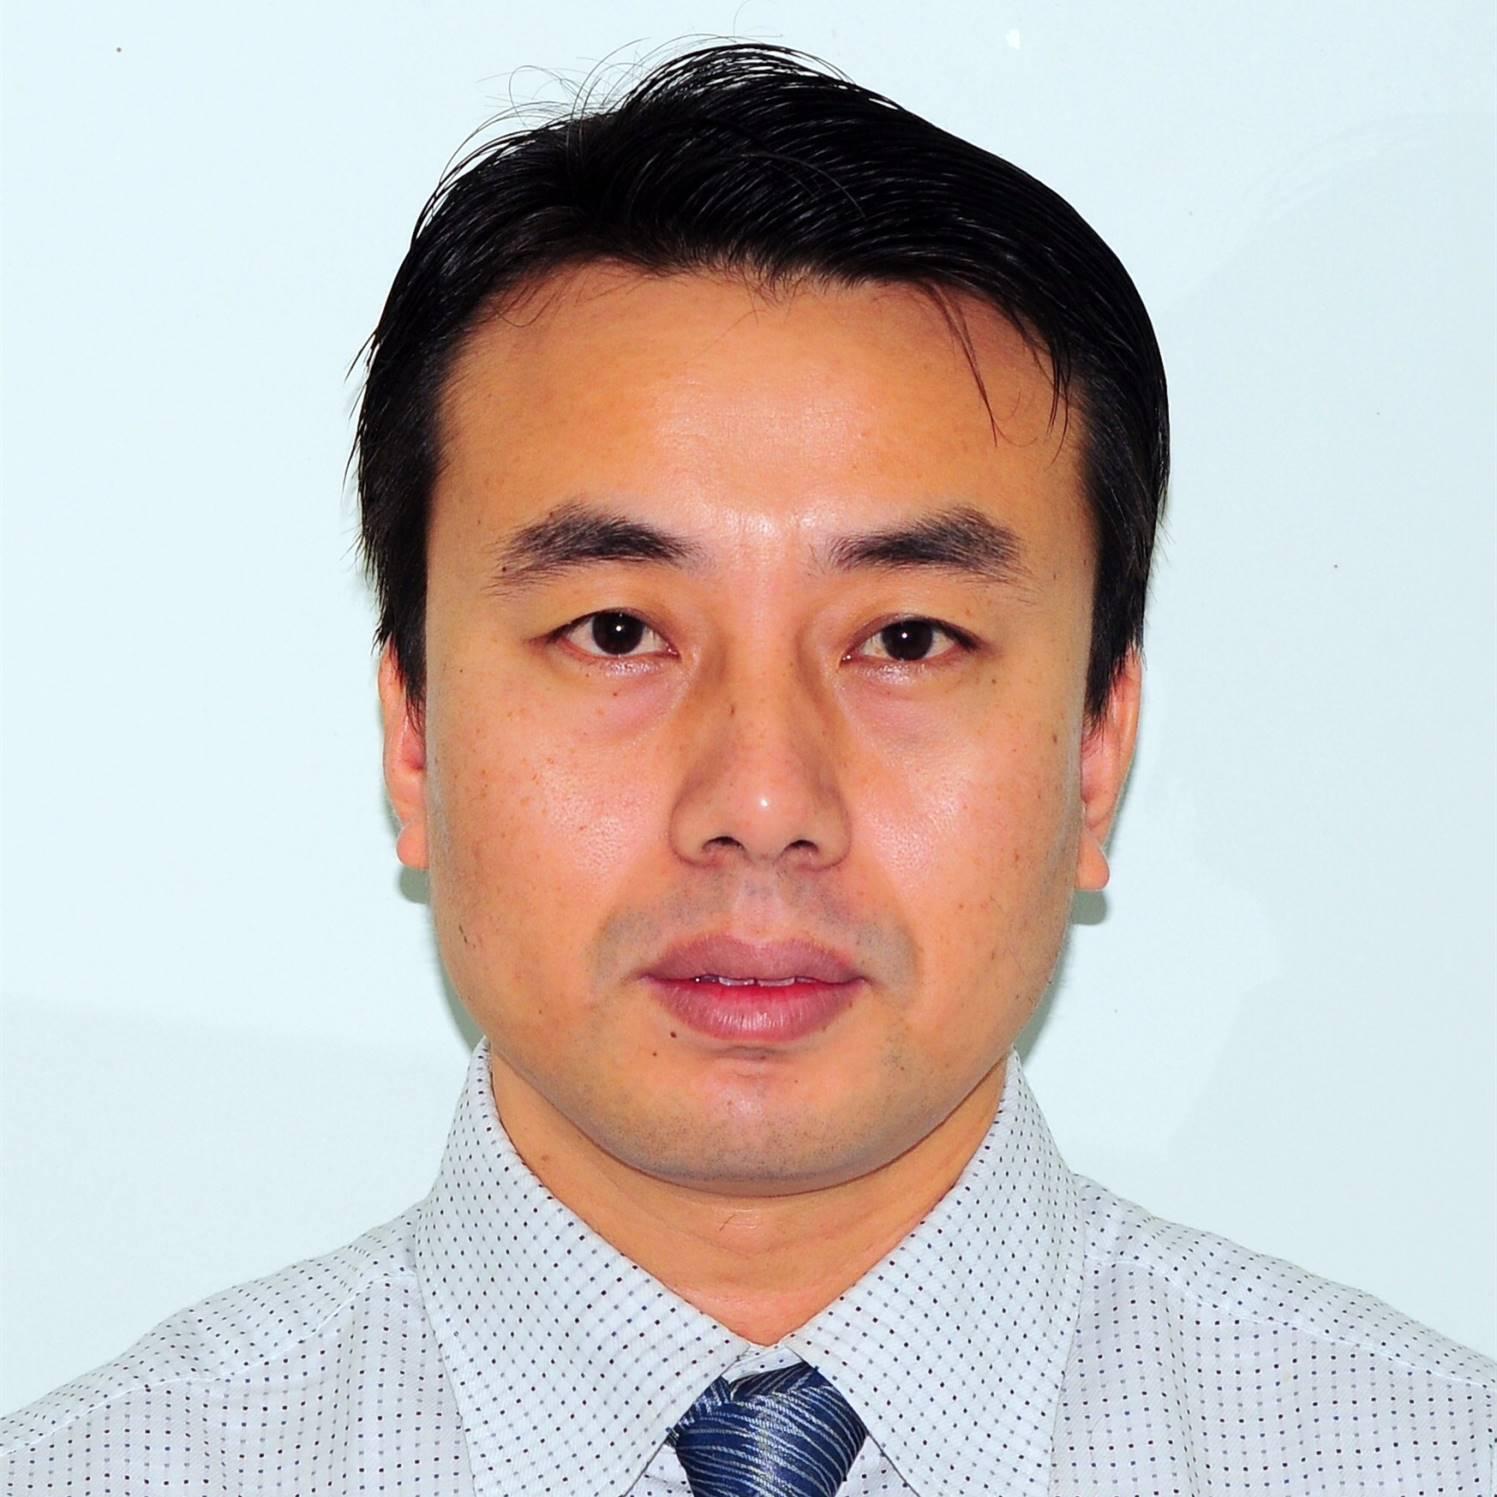 宇视科技 研发副总裁、研究院院长 谢会斌